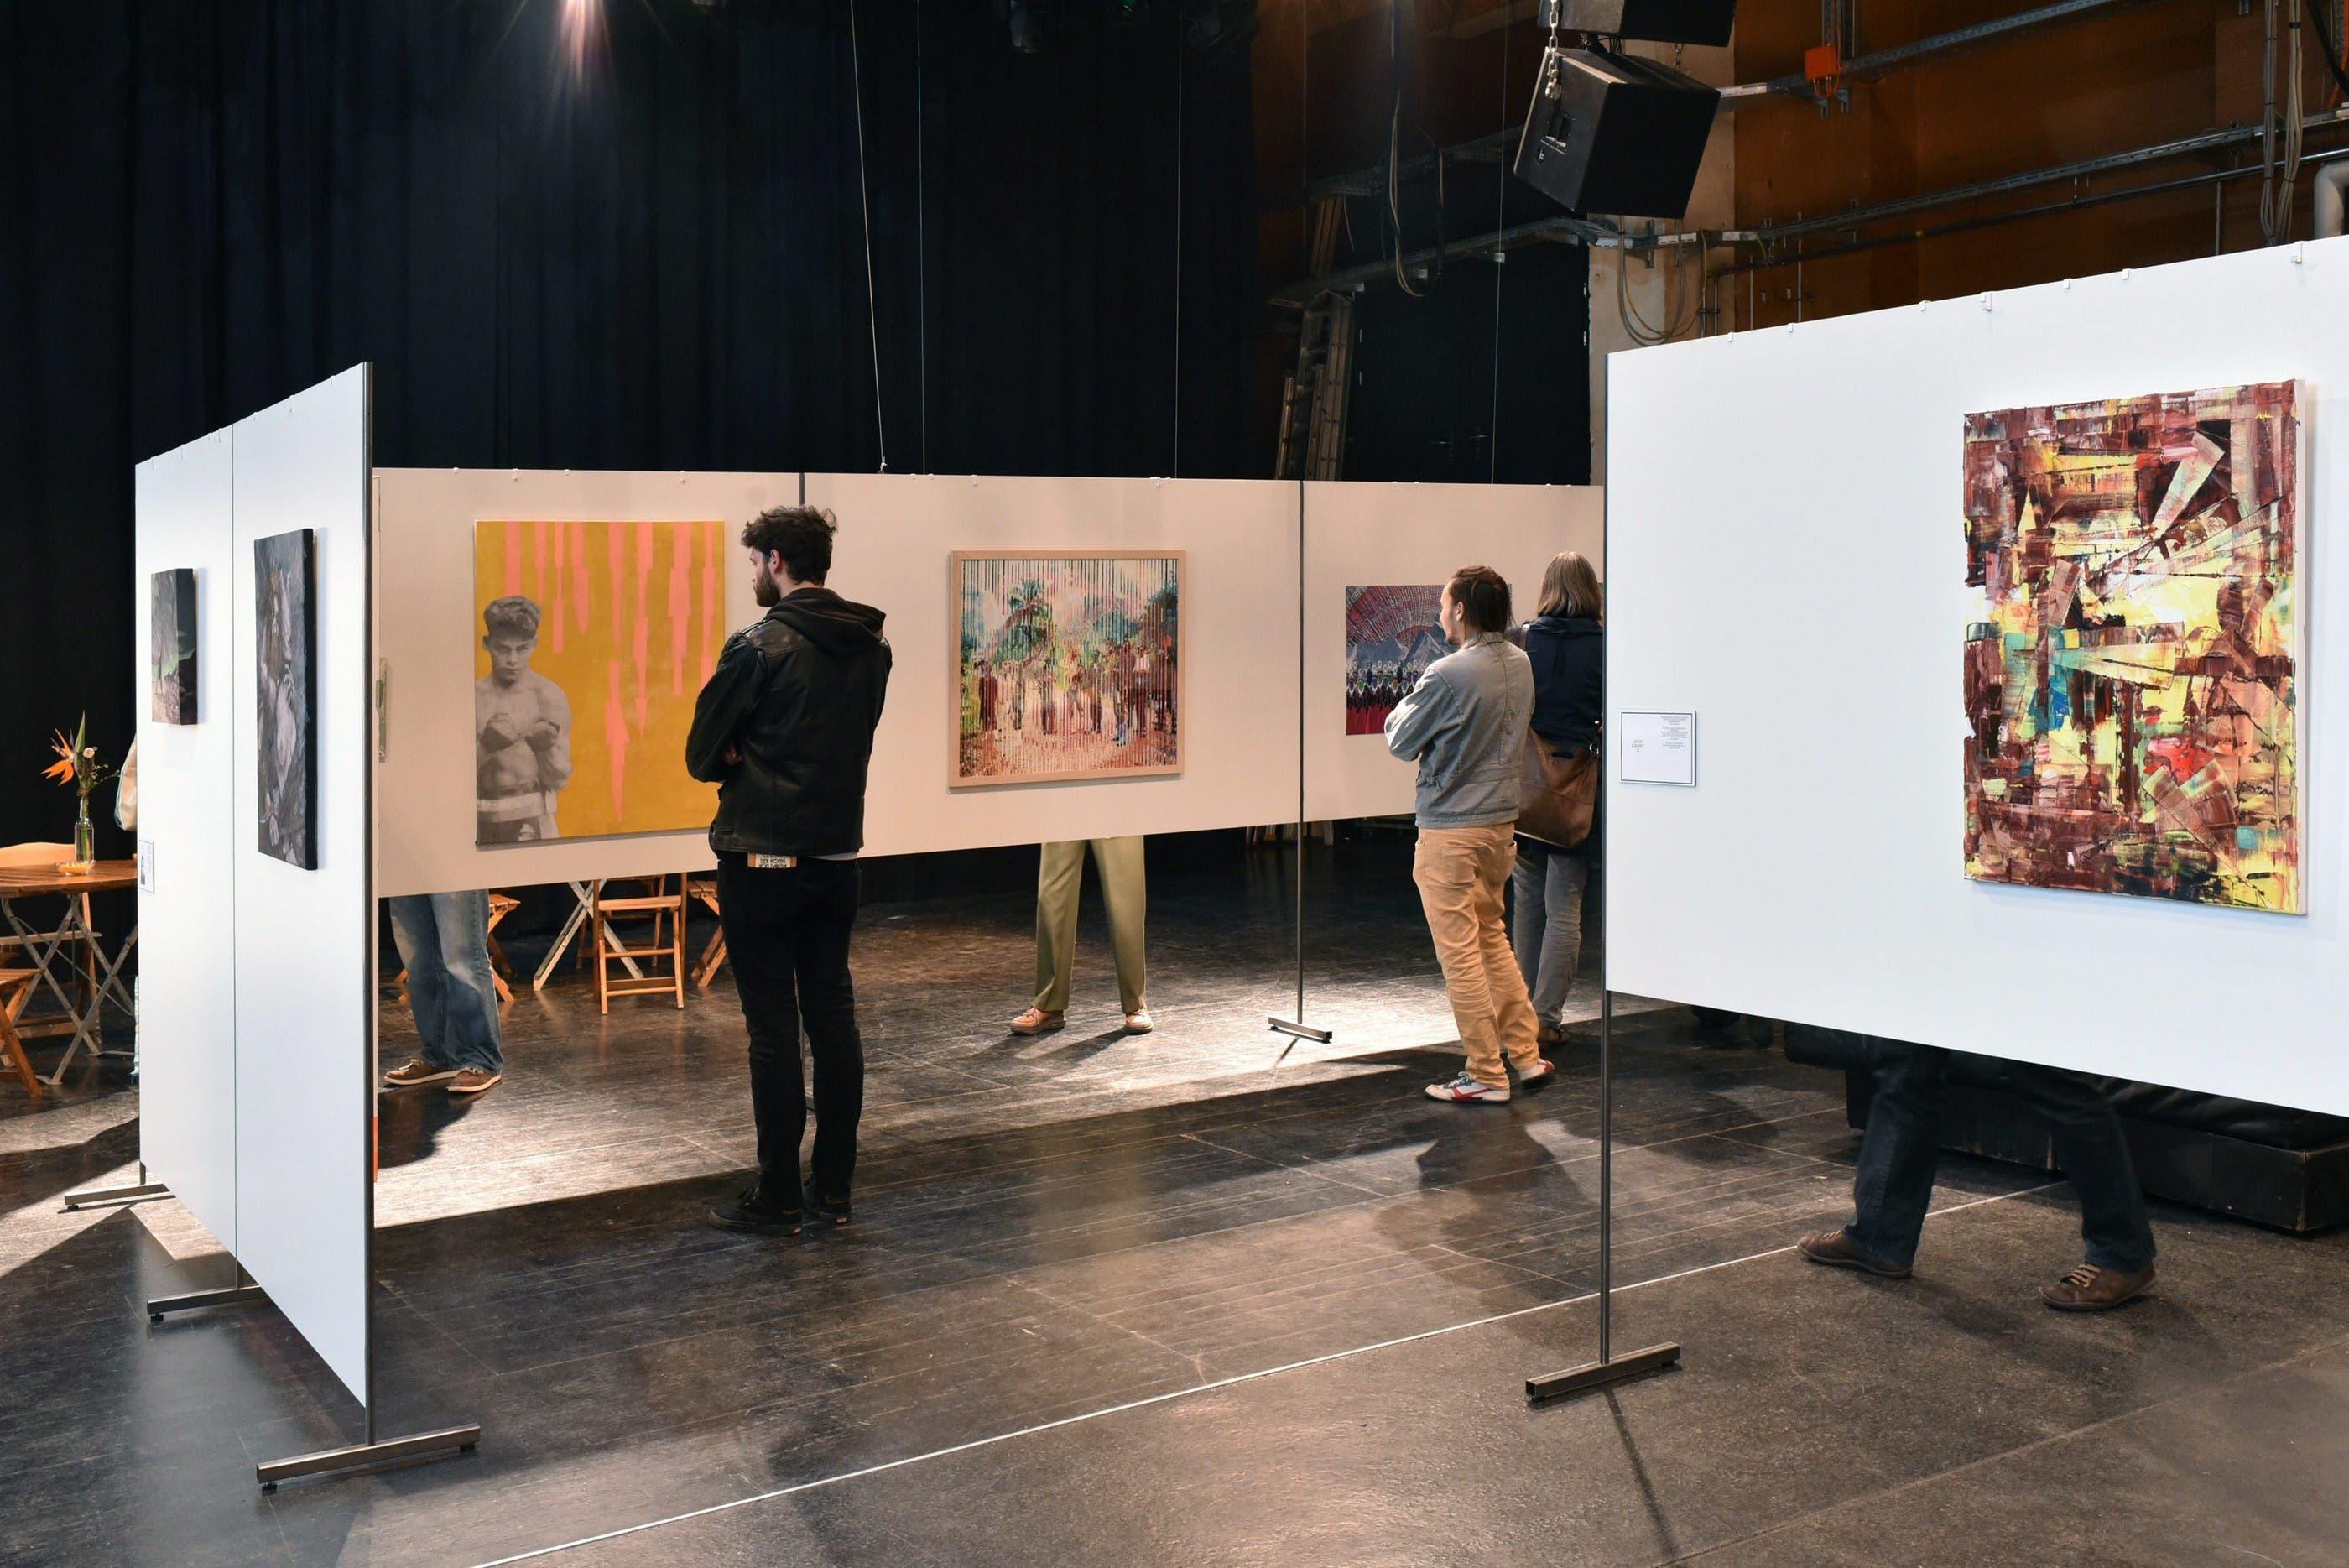 An der Ausstellung gibt es neun Künstlerinnen und sieben Künstler im Alter zwischen 20 und 30 Jahren zu entdecken.